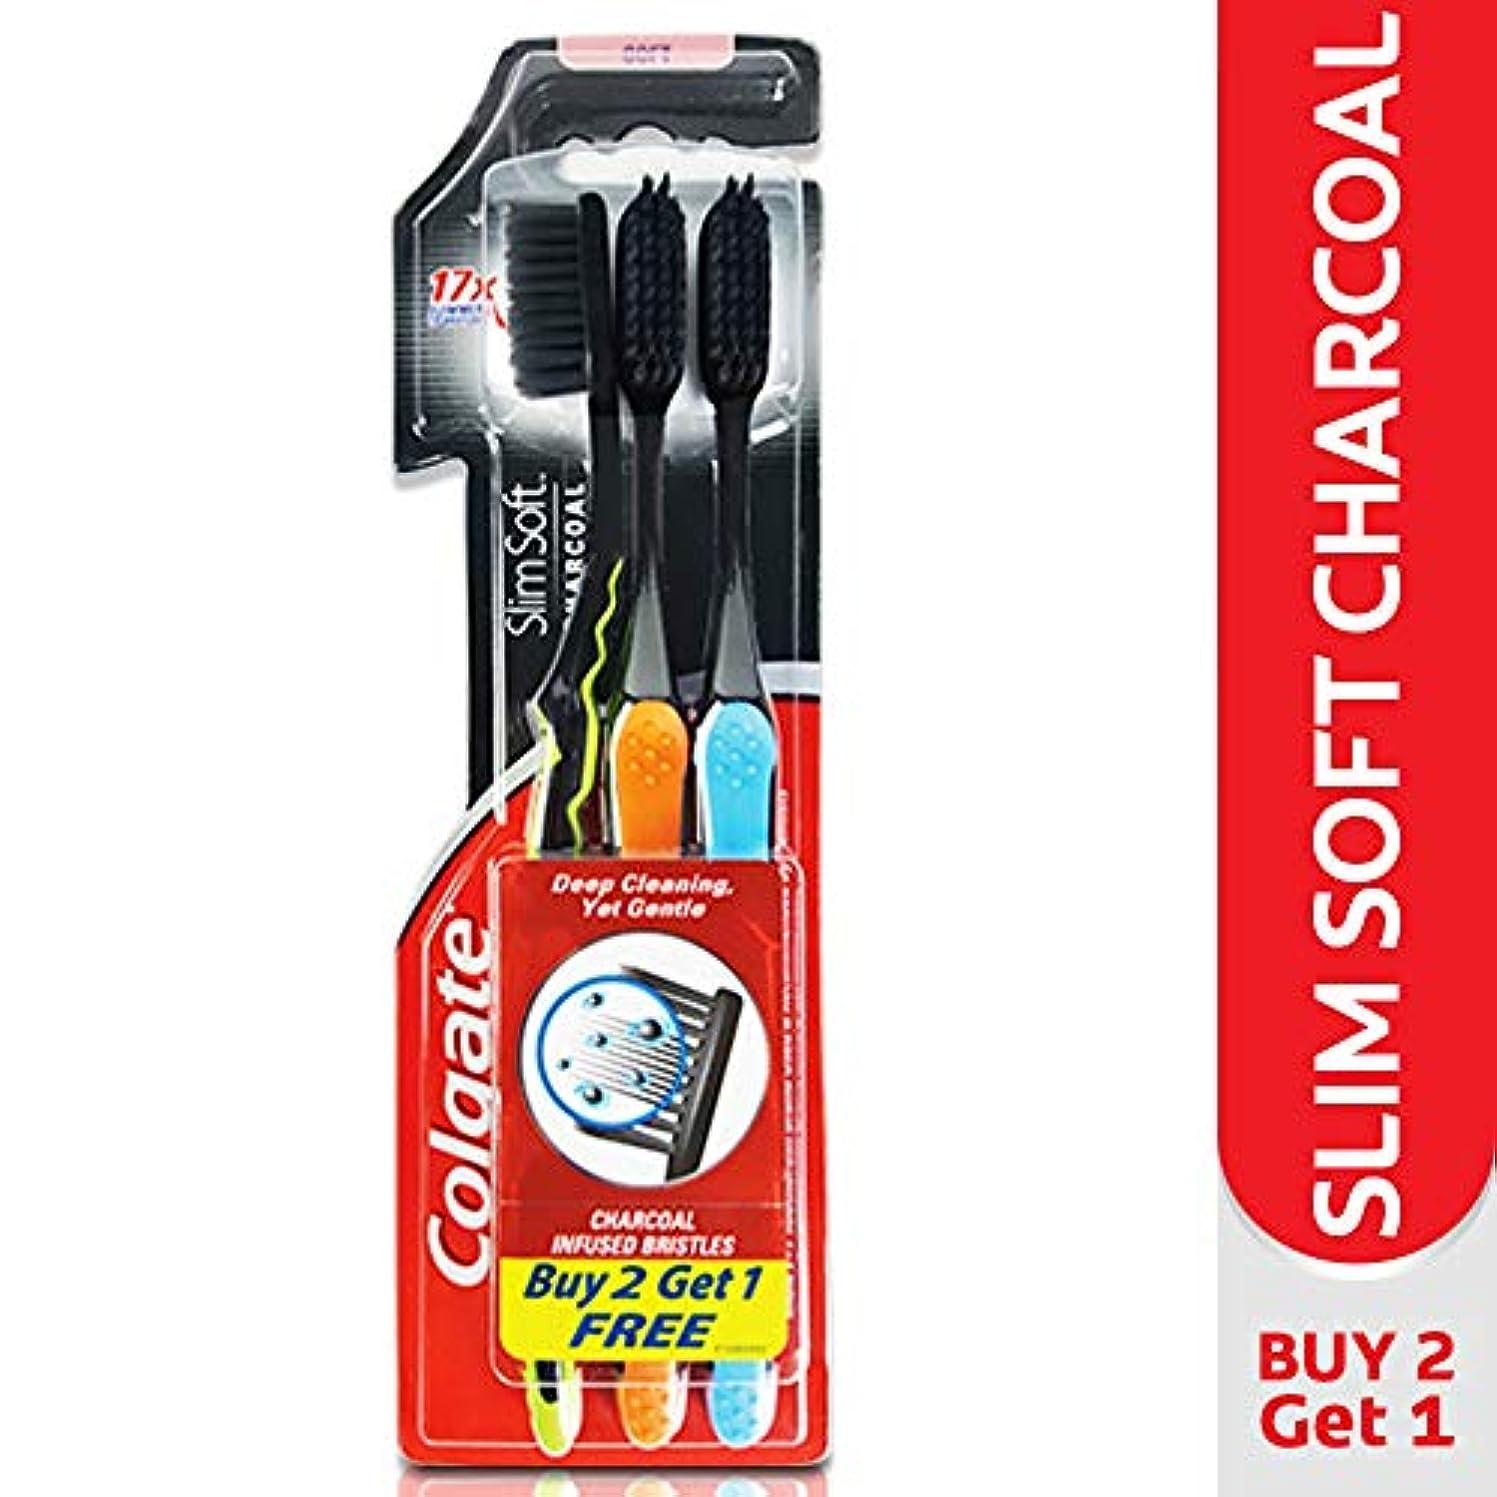 ブラウン同種のアサートColgate Slim Soft Charcoal Toothbrush (Pack of 3) 17x Slimmer Soft Tip Bristles (Ship From India)